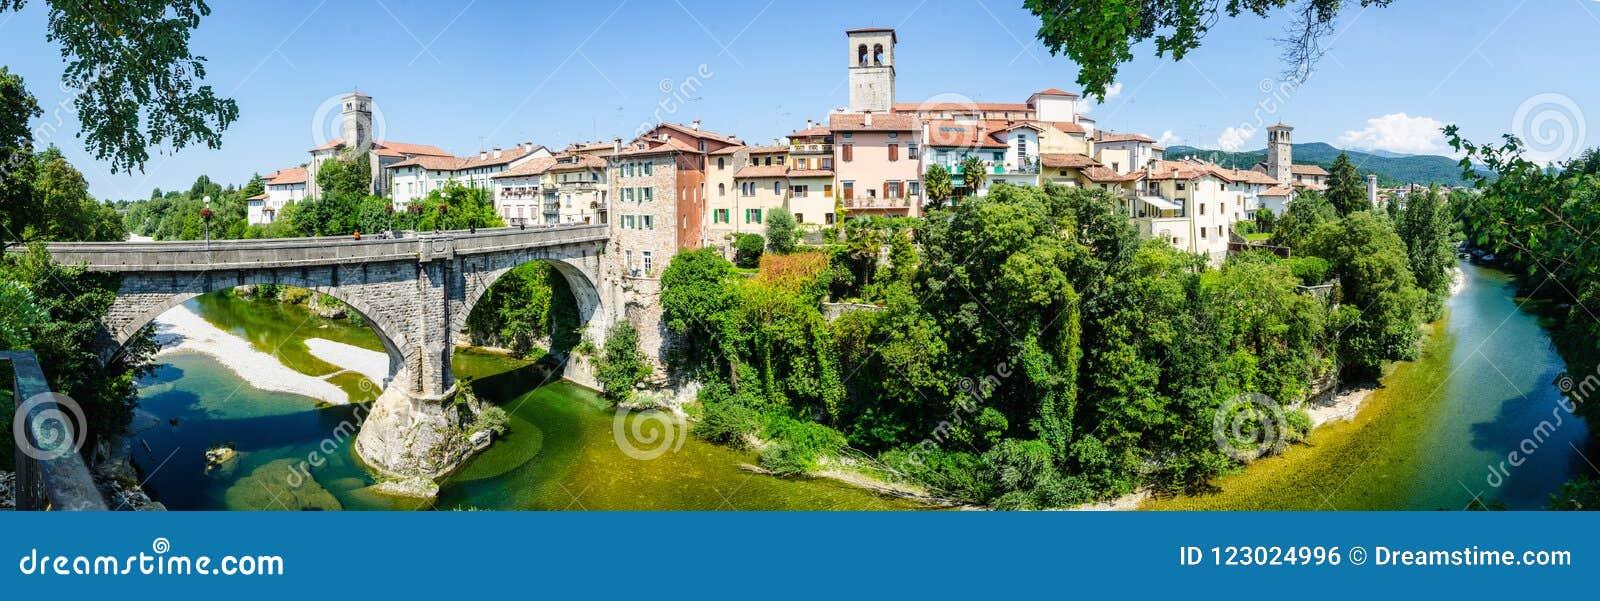 Cividale del Friuli Forum Iulii ποταμός Natisone γεφυρών διαβόλων ` s πανοράματος